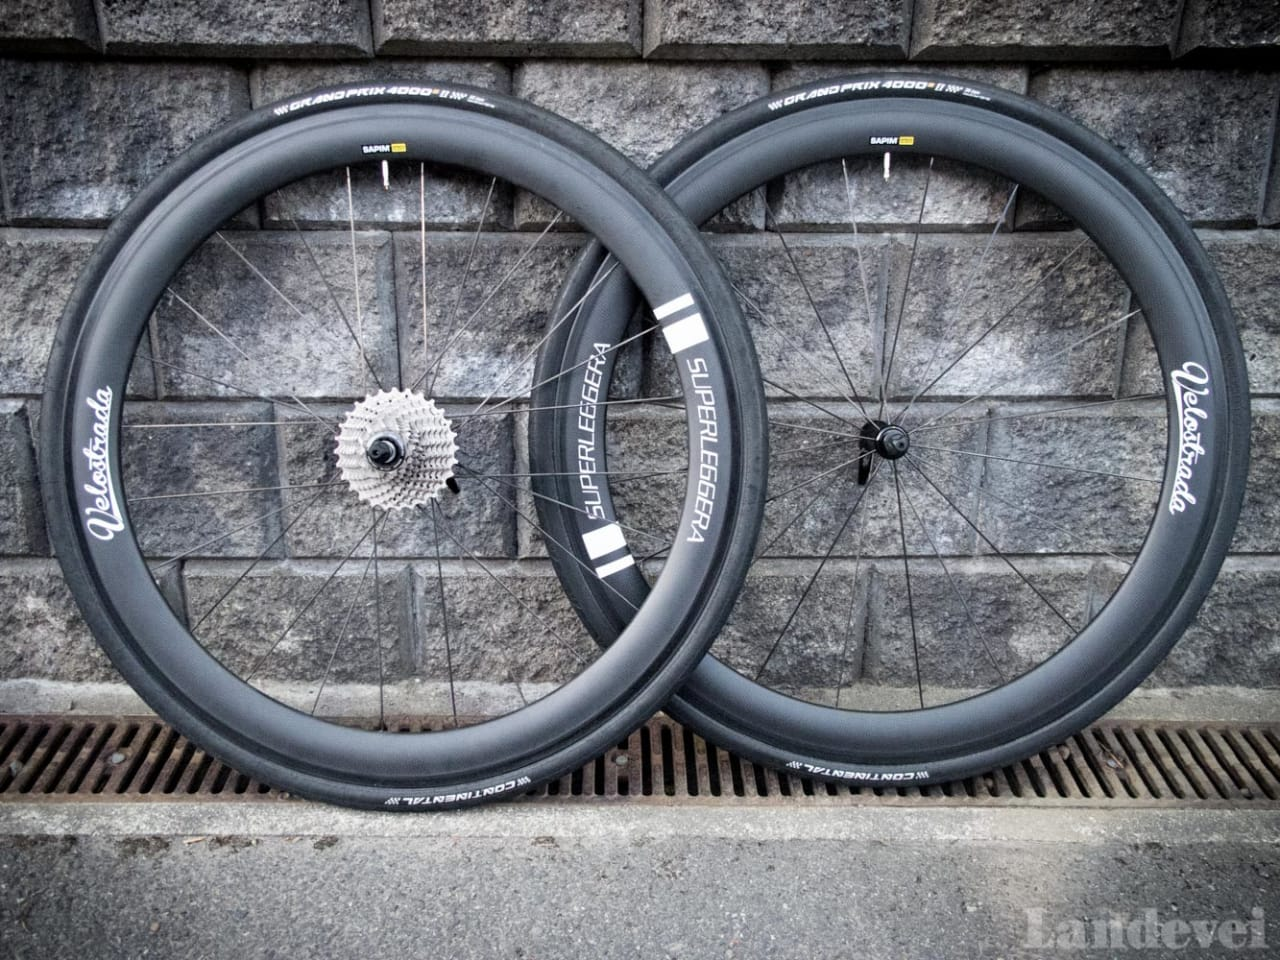 SORTE ORM: Velostradas hjul er karbonsvarte, med hvite reflekslogoer.